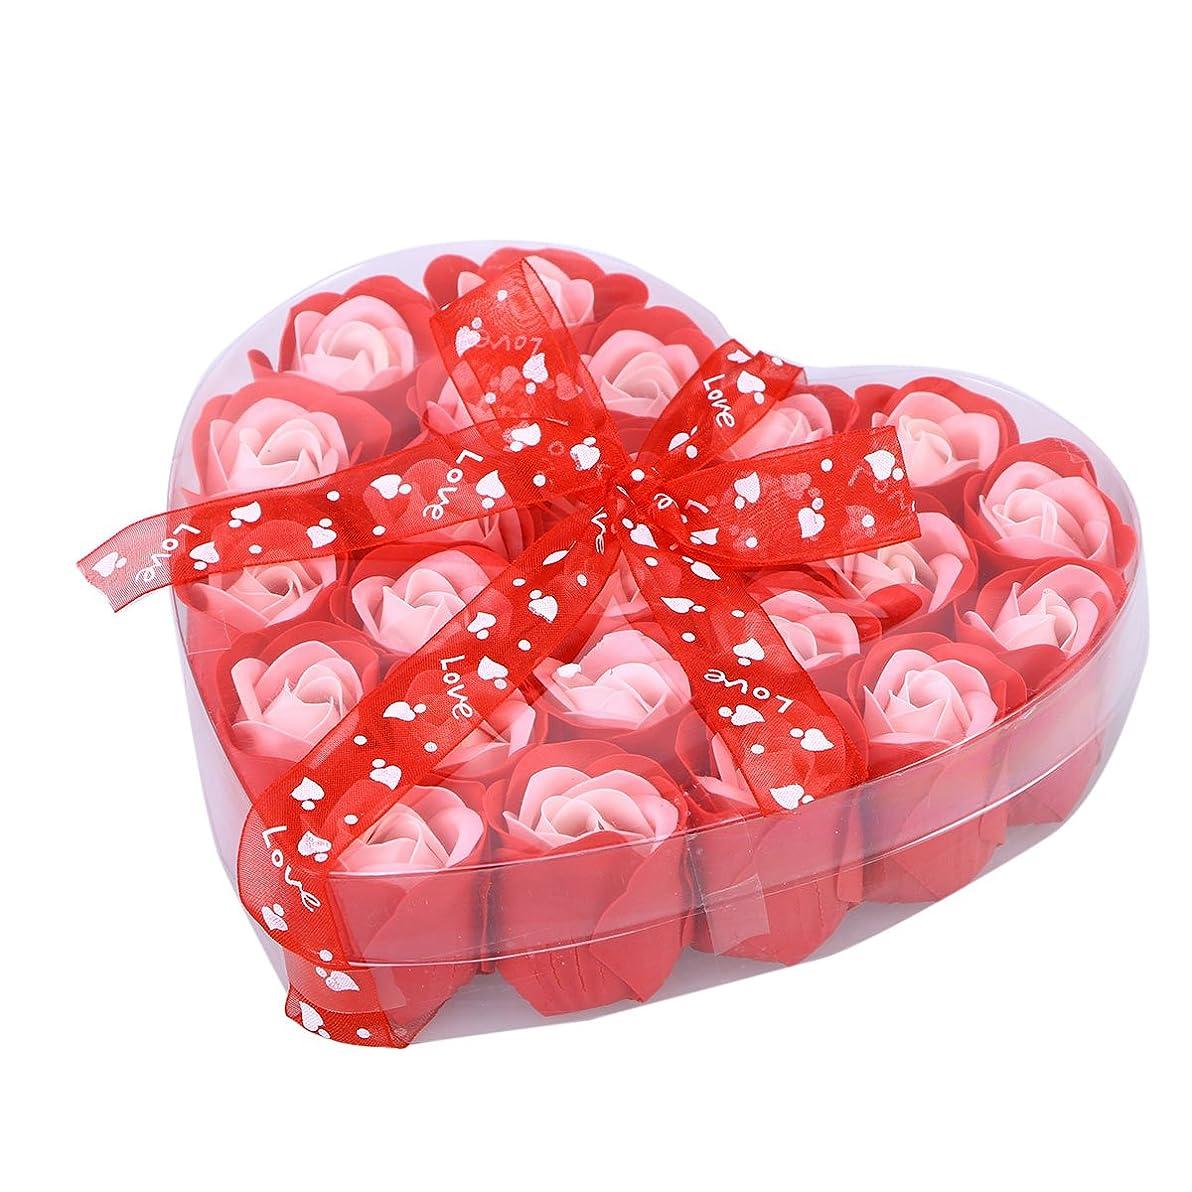 オーガニック冷蔵庫未接続Healifty バレンタインデーのハートボックスに香りの石鹸バラの花びら(ランダムリボン)24個